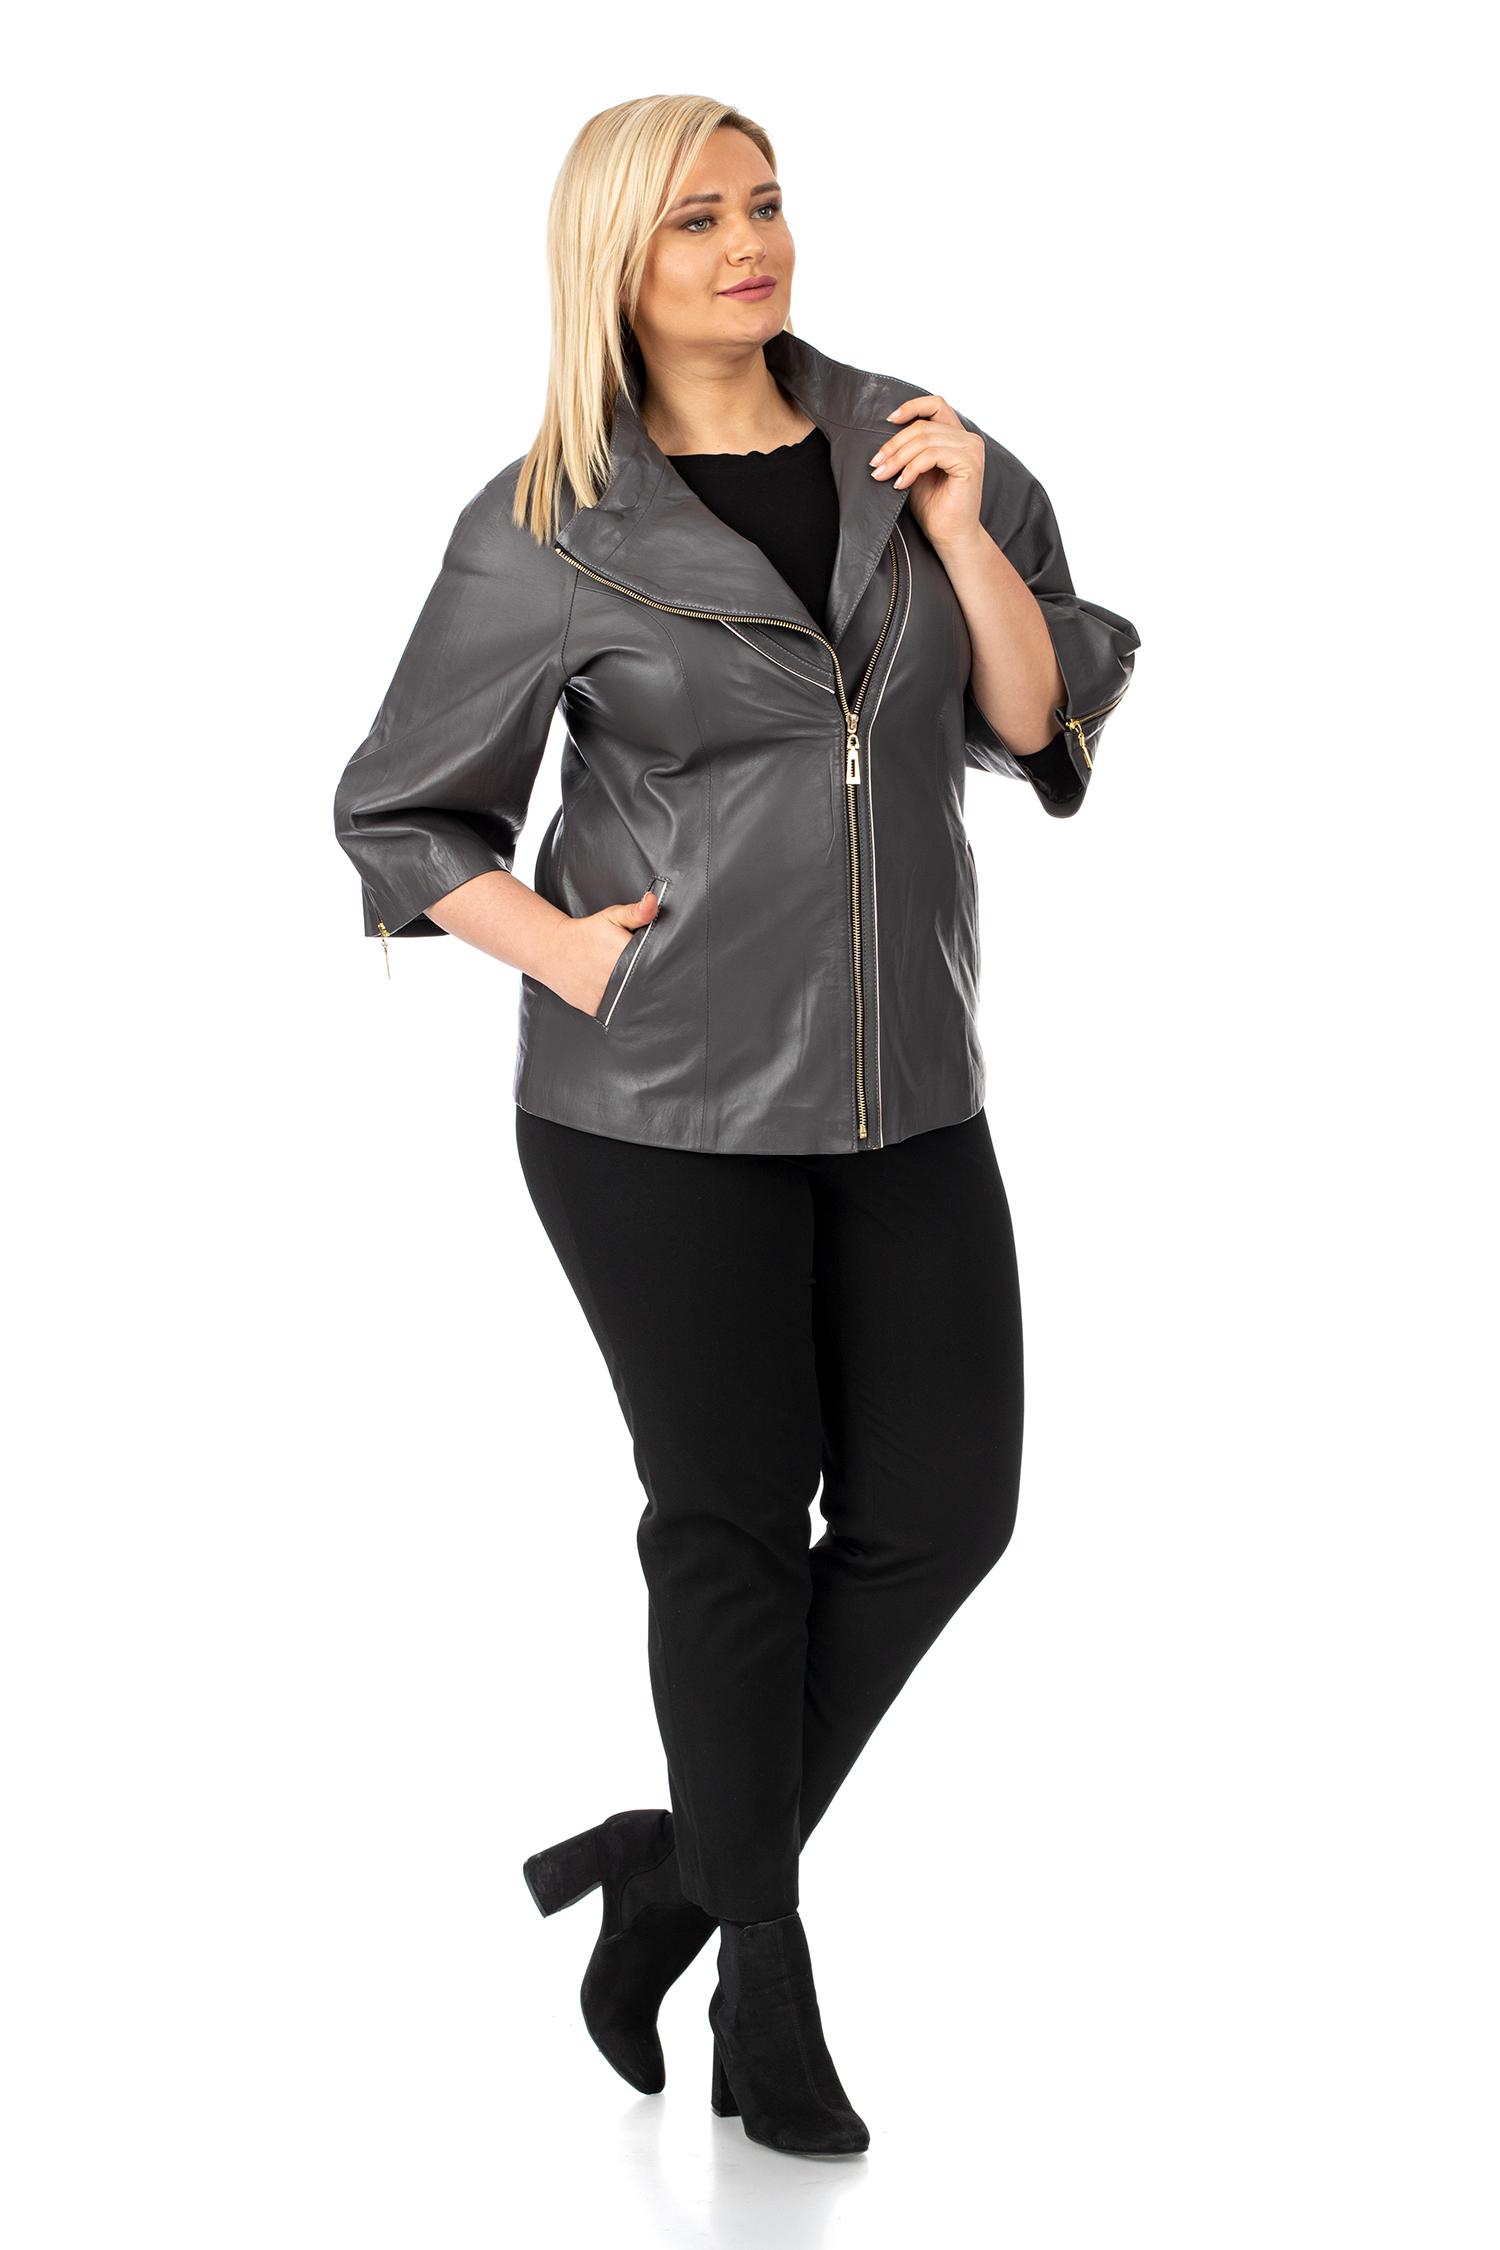 Фото 2 - Женская кожаная куртка из натуральной кожи с воротником от МОСМЕХА серого цвета